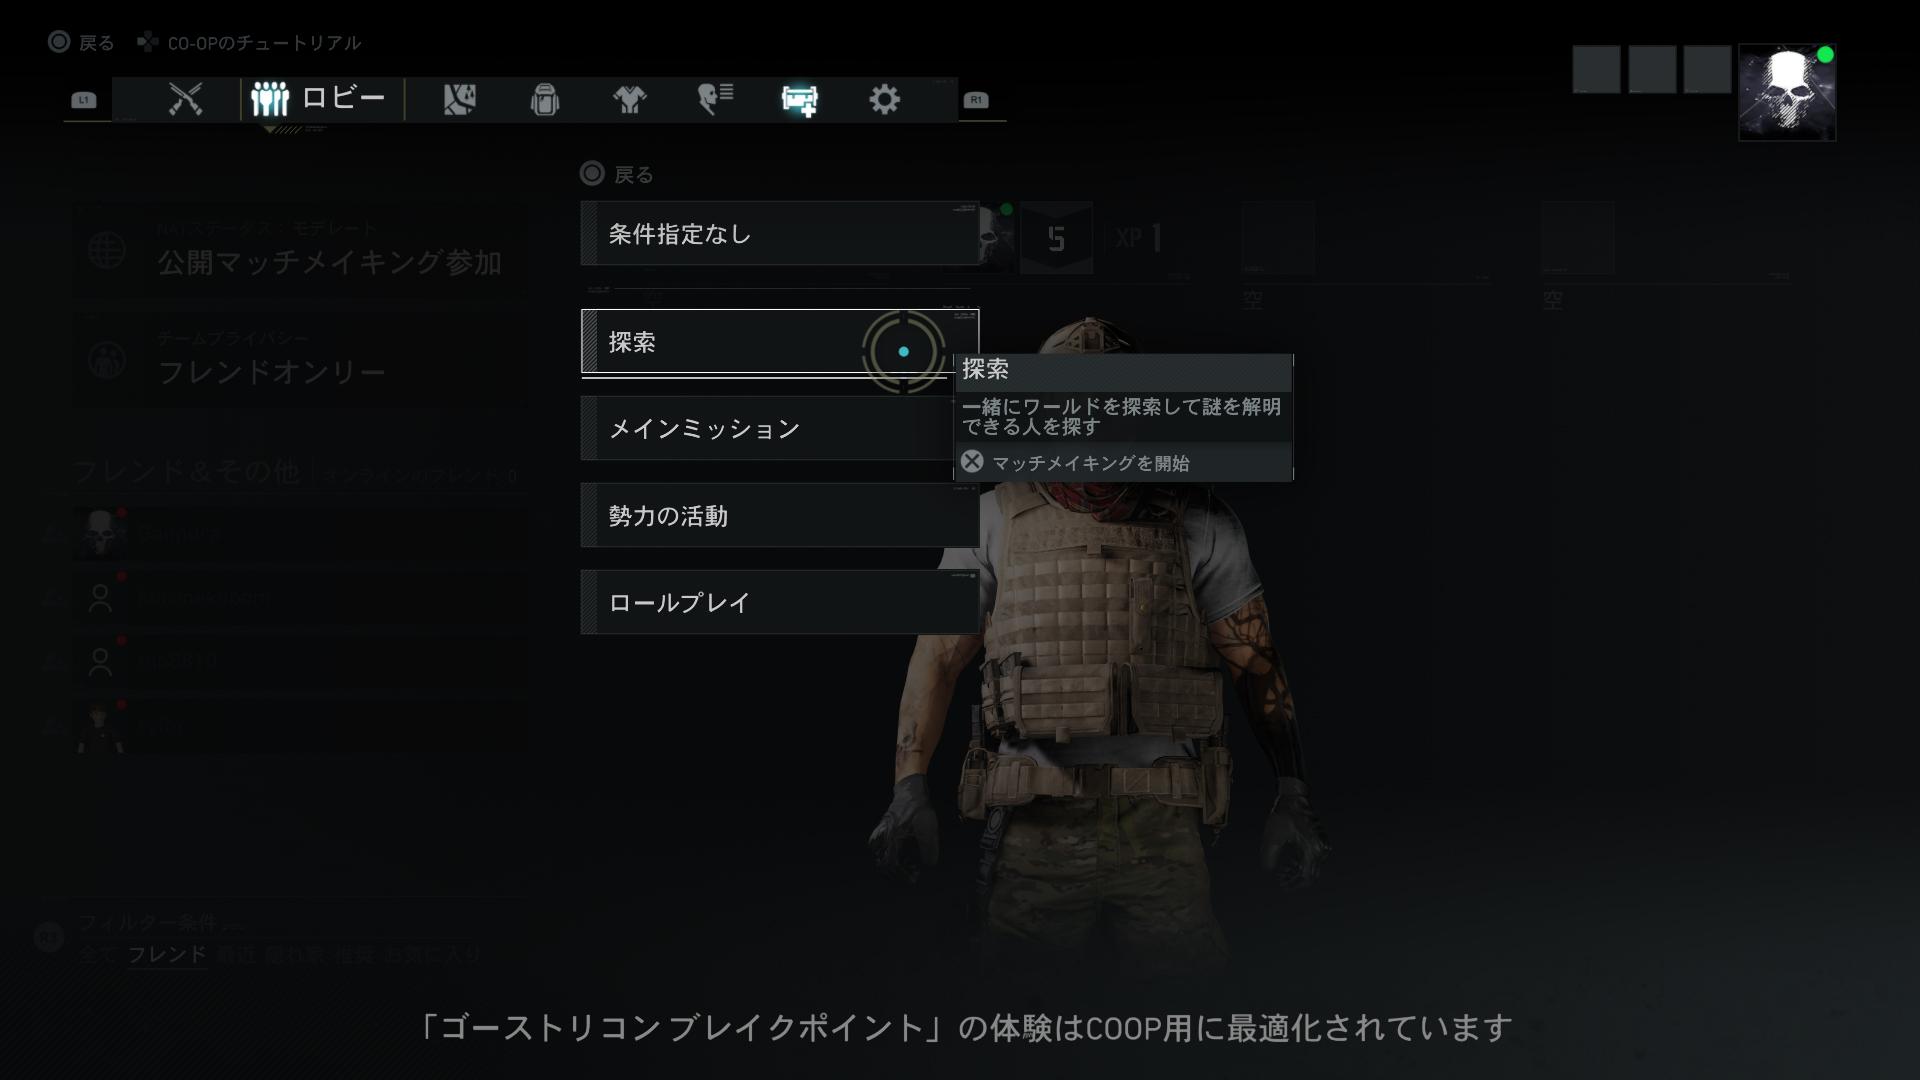 ゴースト リコン ブレイク ポイント フレンド ゴーストリコン ブレイクポイント(Xbox